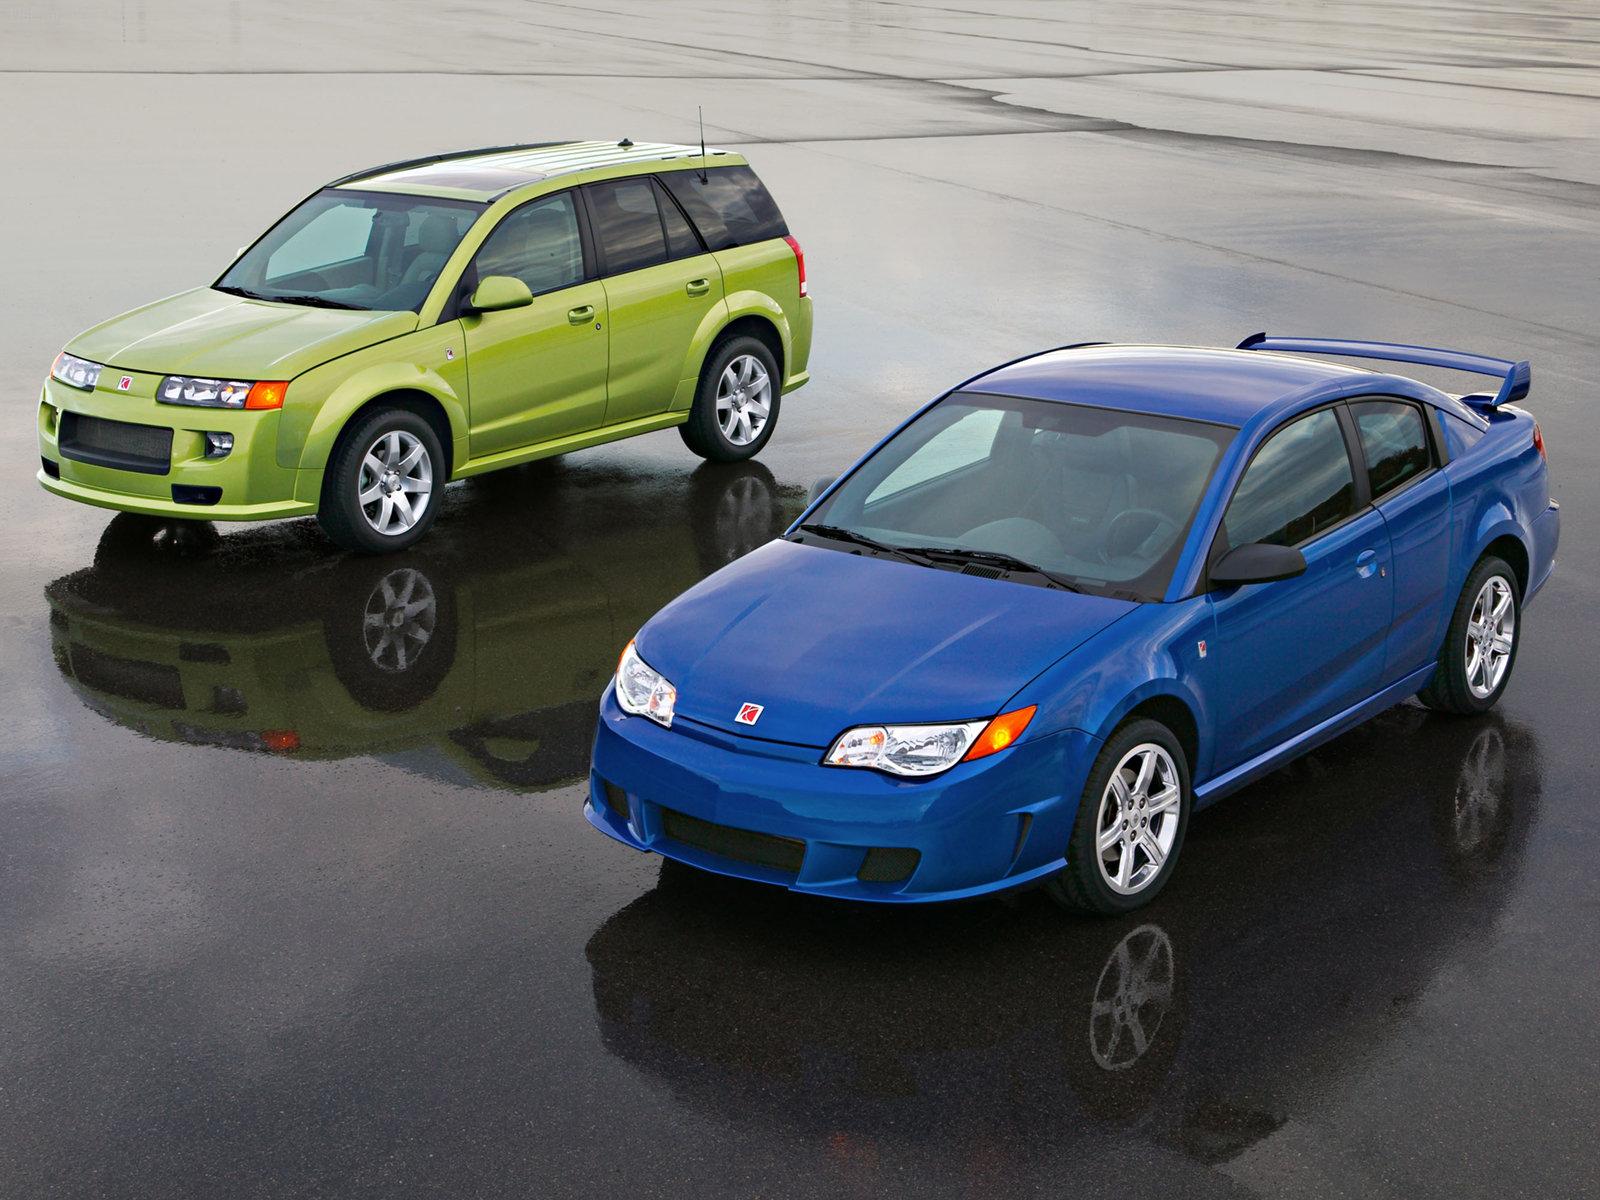 Hình ảnh xe ô tô Saturn Ion Red Line 2004 & nội ngoại thất